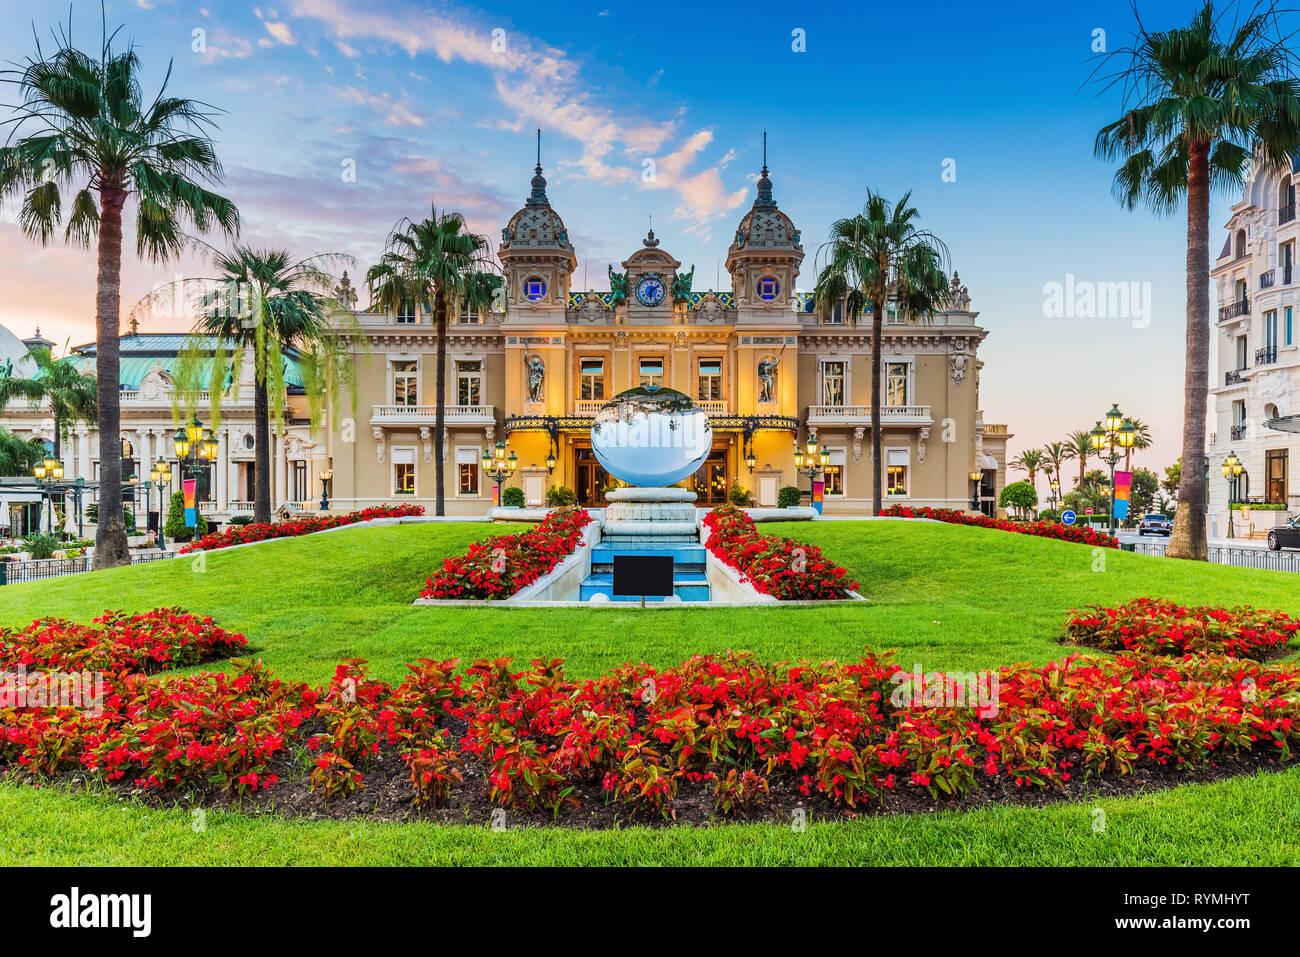 Monte Carlo, Monaco. Parte anteriore del Grand Casino. Immagini Stock